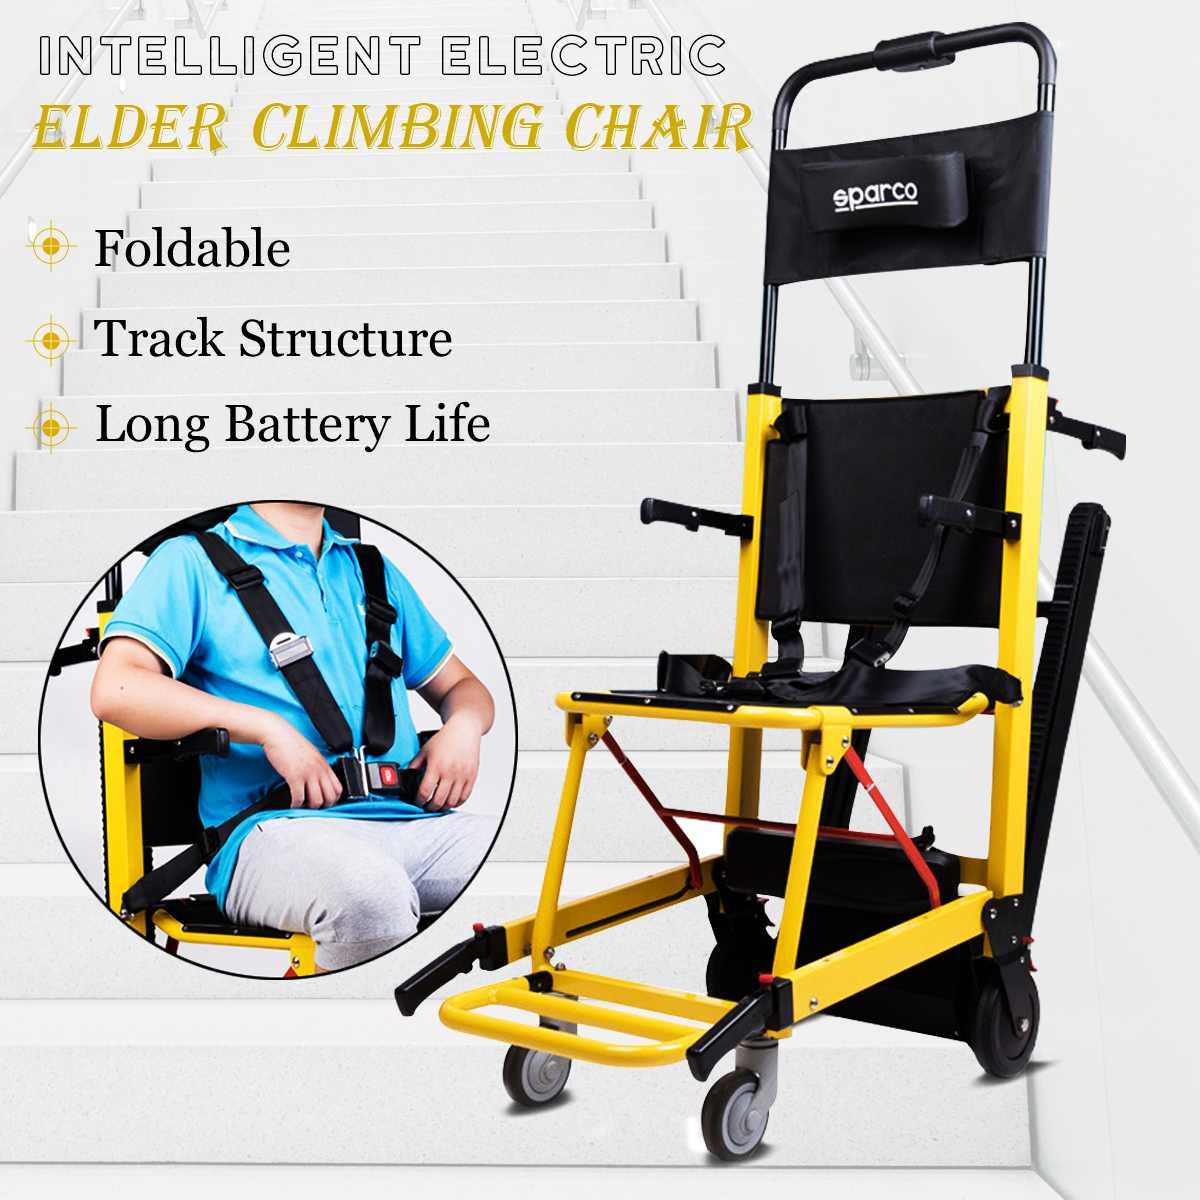 Sport & Unterhaltung FäHig Faltbare Leichte Rollstuhl Für Ältere Behinderte Ältere Motorisierte Klettern Hebe Stuhl Rollstuhl Aufzug Up Treppen Elektro-scooter